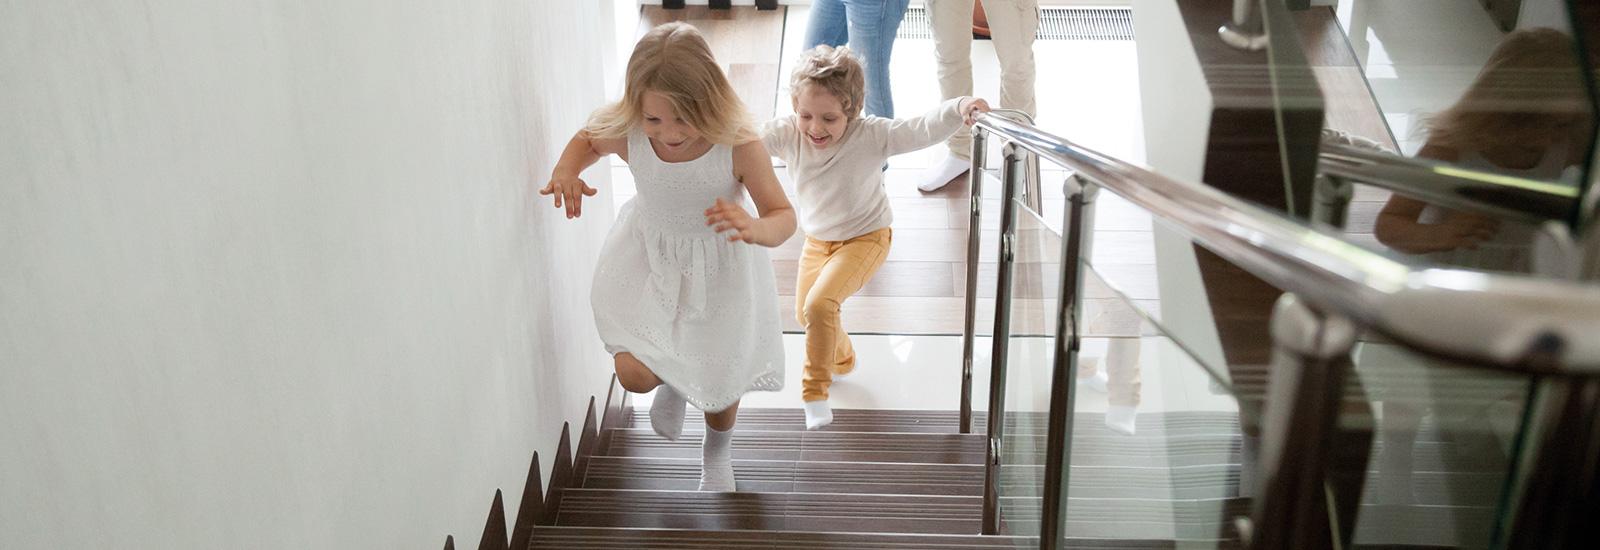 Kinder im Haus